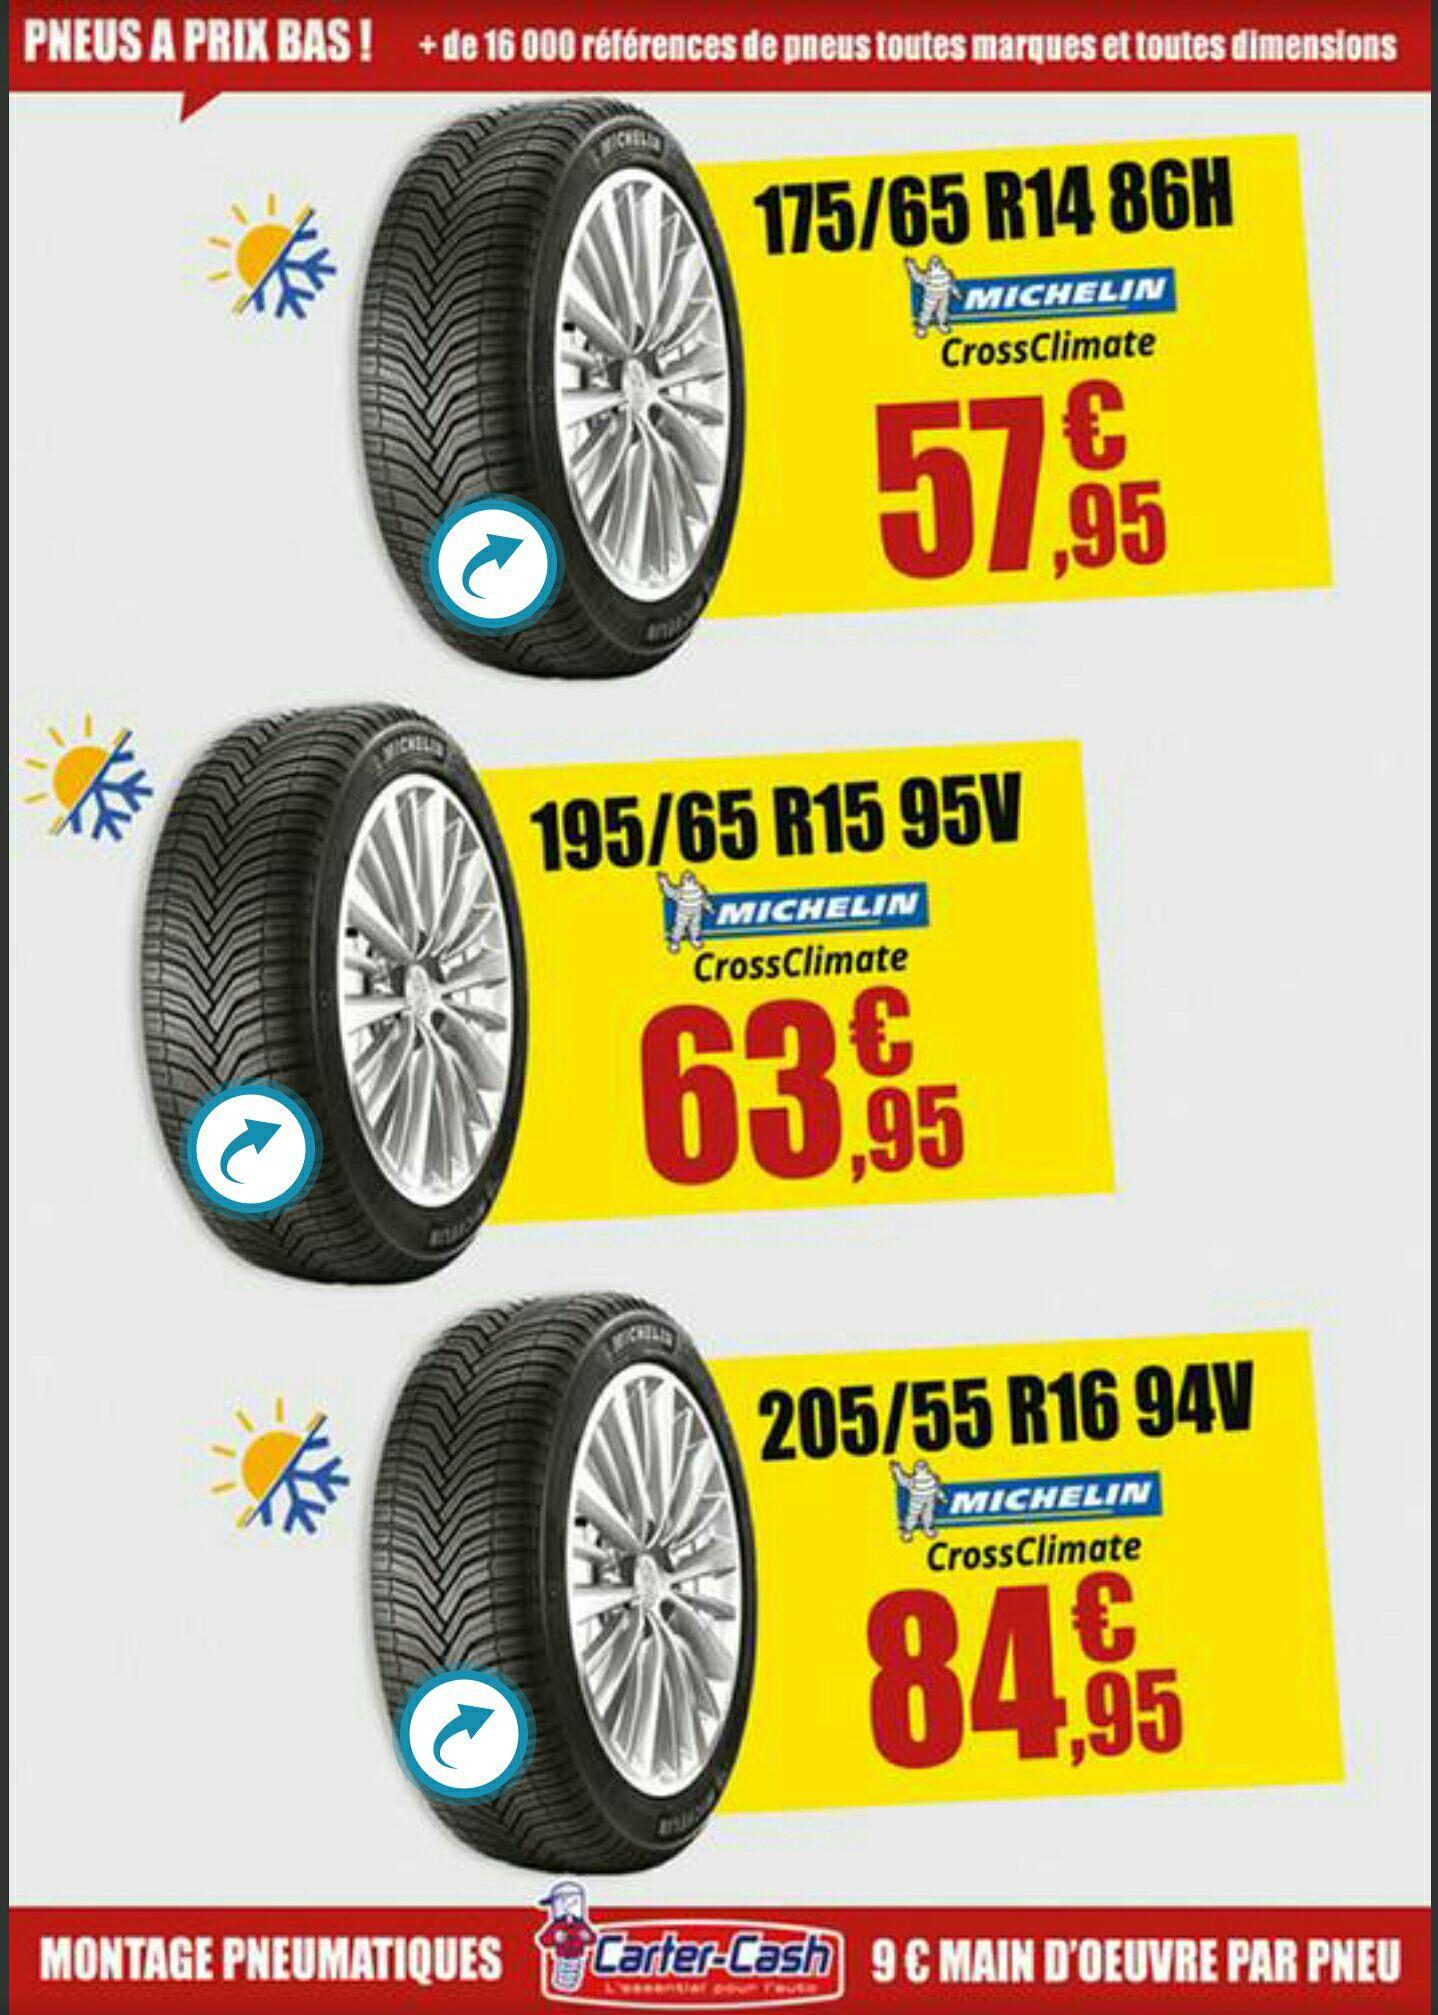 3 dimensions de pneus Michelin CrossClimate en promotion - Ex : 175/65/14 86H